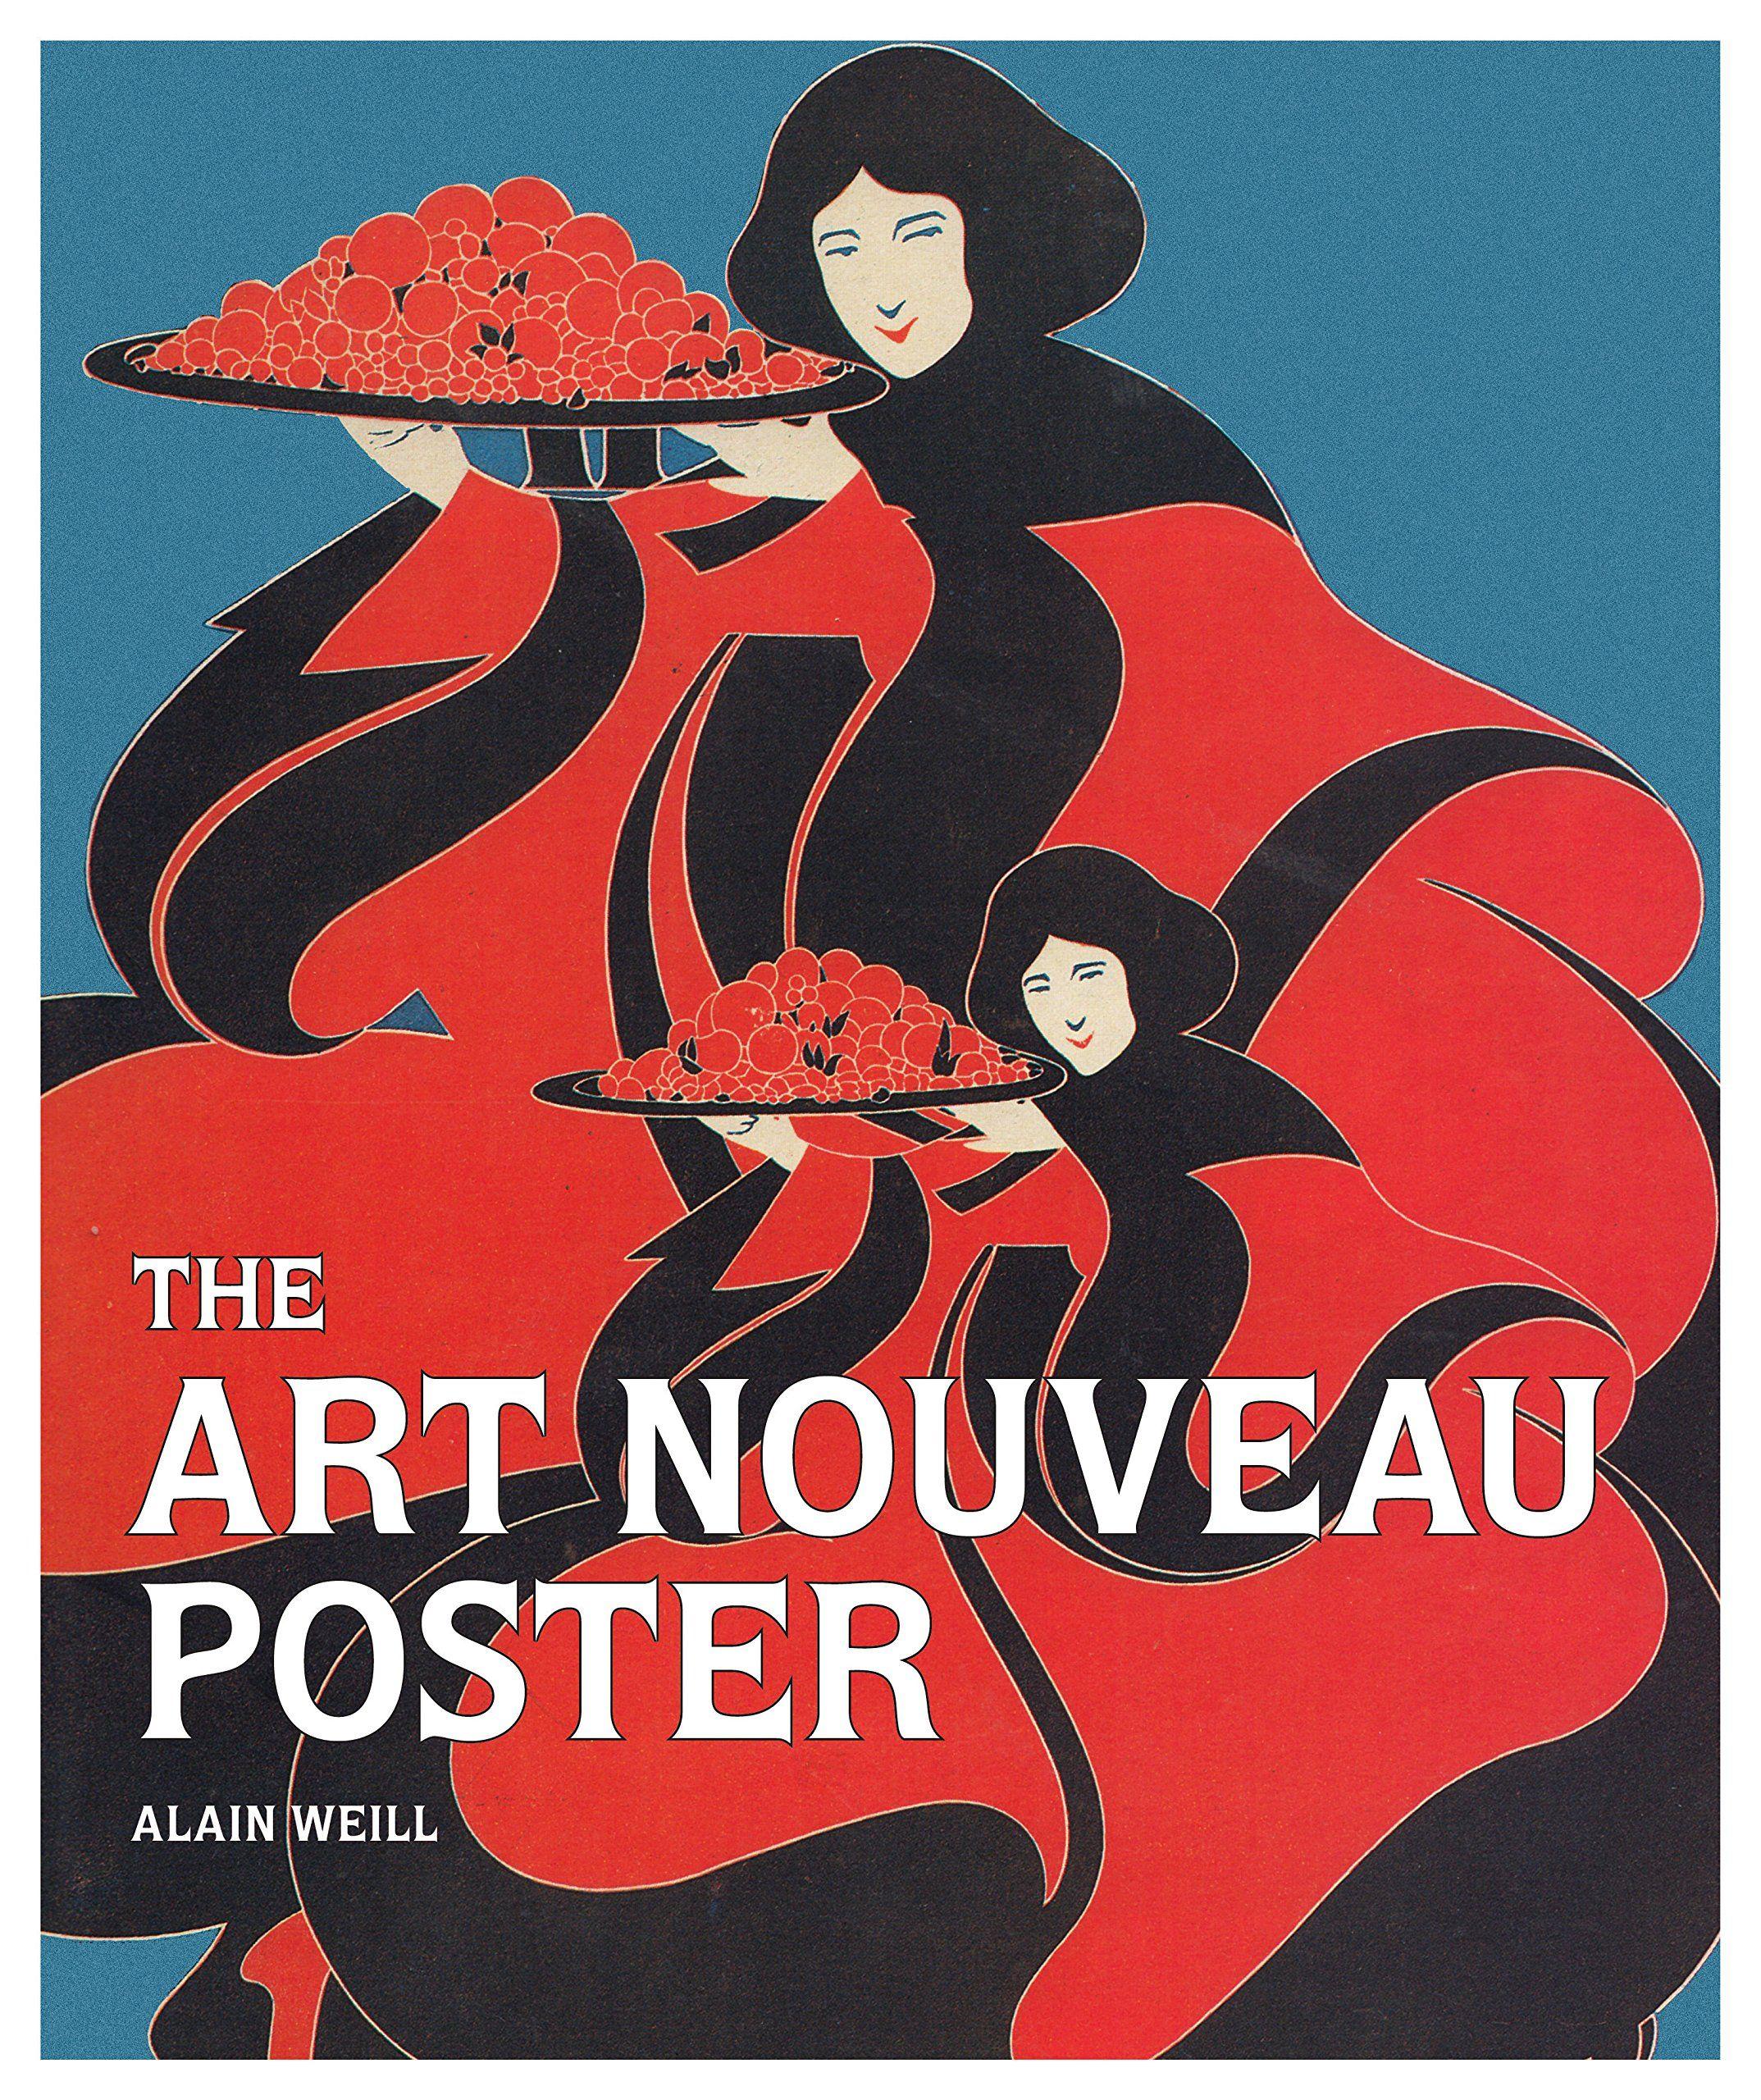 Image Result For Art Nouveau Art Nouveau Poster Art Nouveau Art Deco Illustration